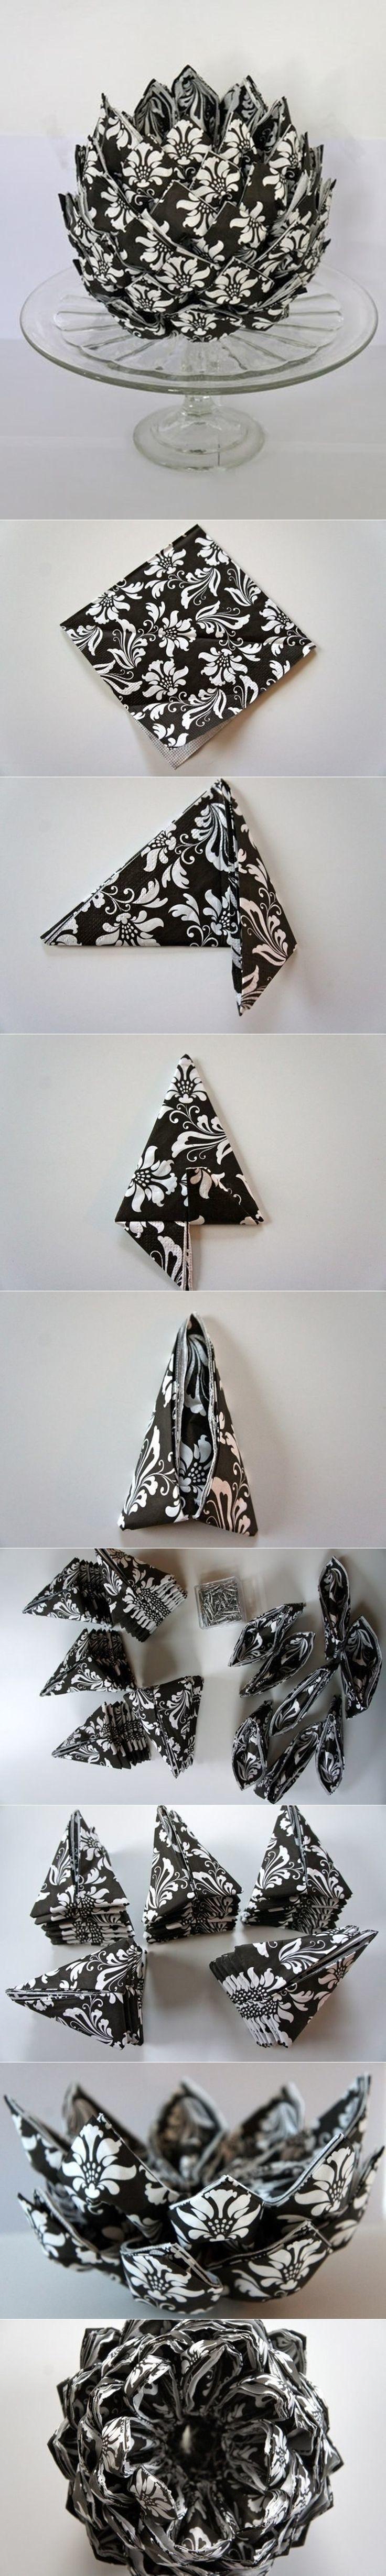 Pentru Revelion: Tehnici geniale de impaturire a servetelelor - Poza 14